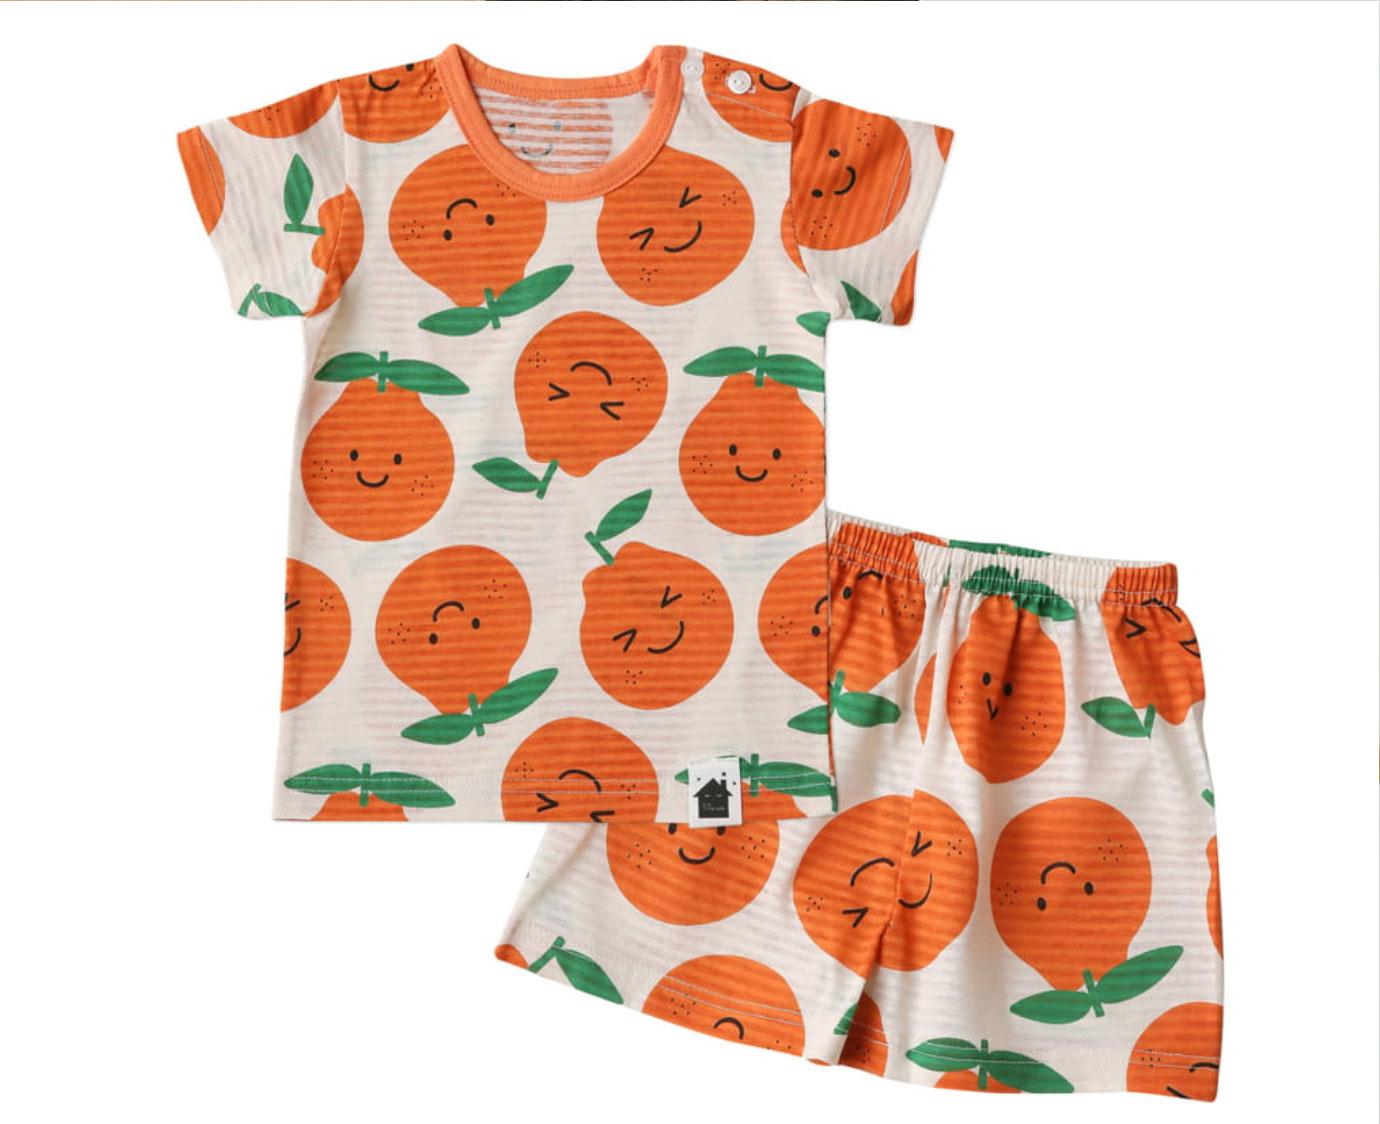 Organic Loungewear 'Tangerine'